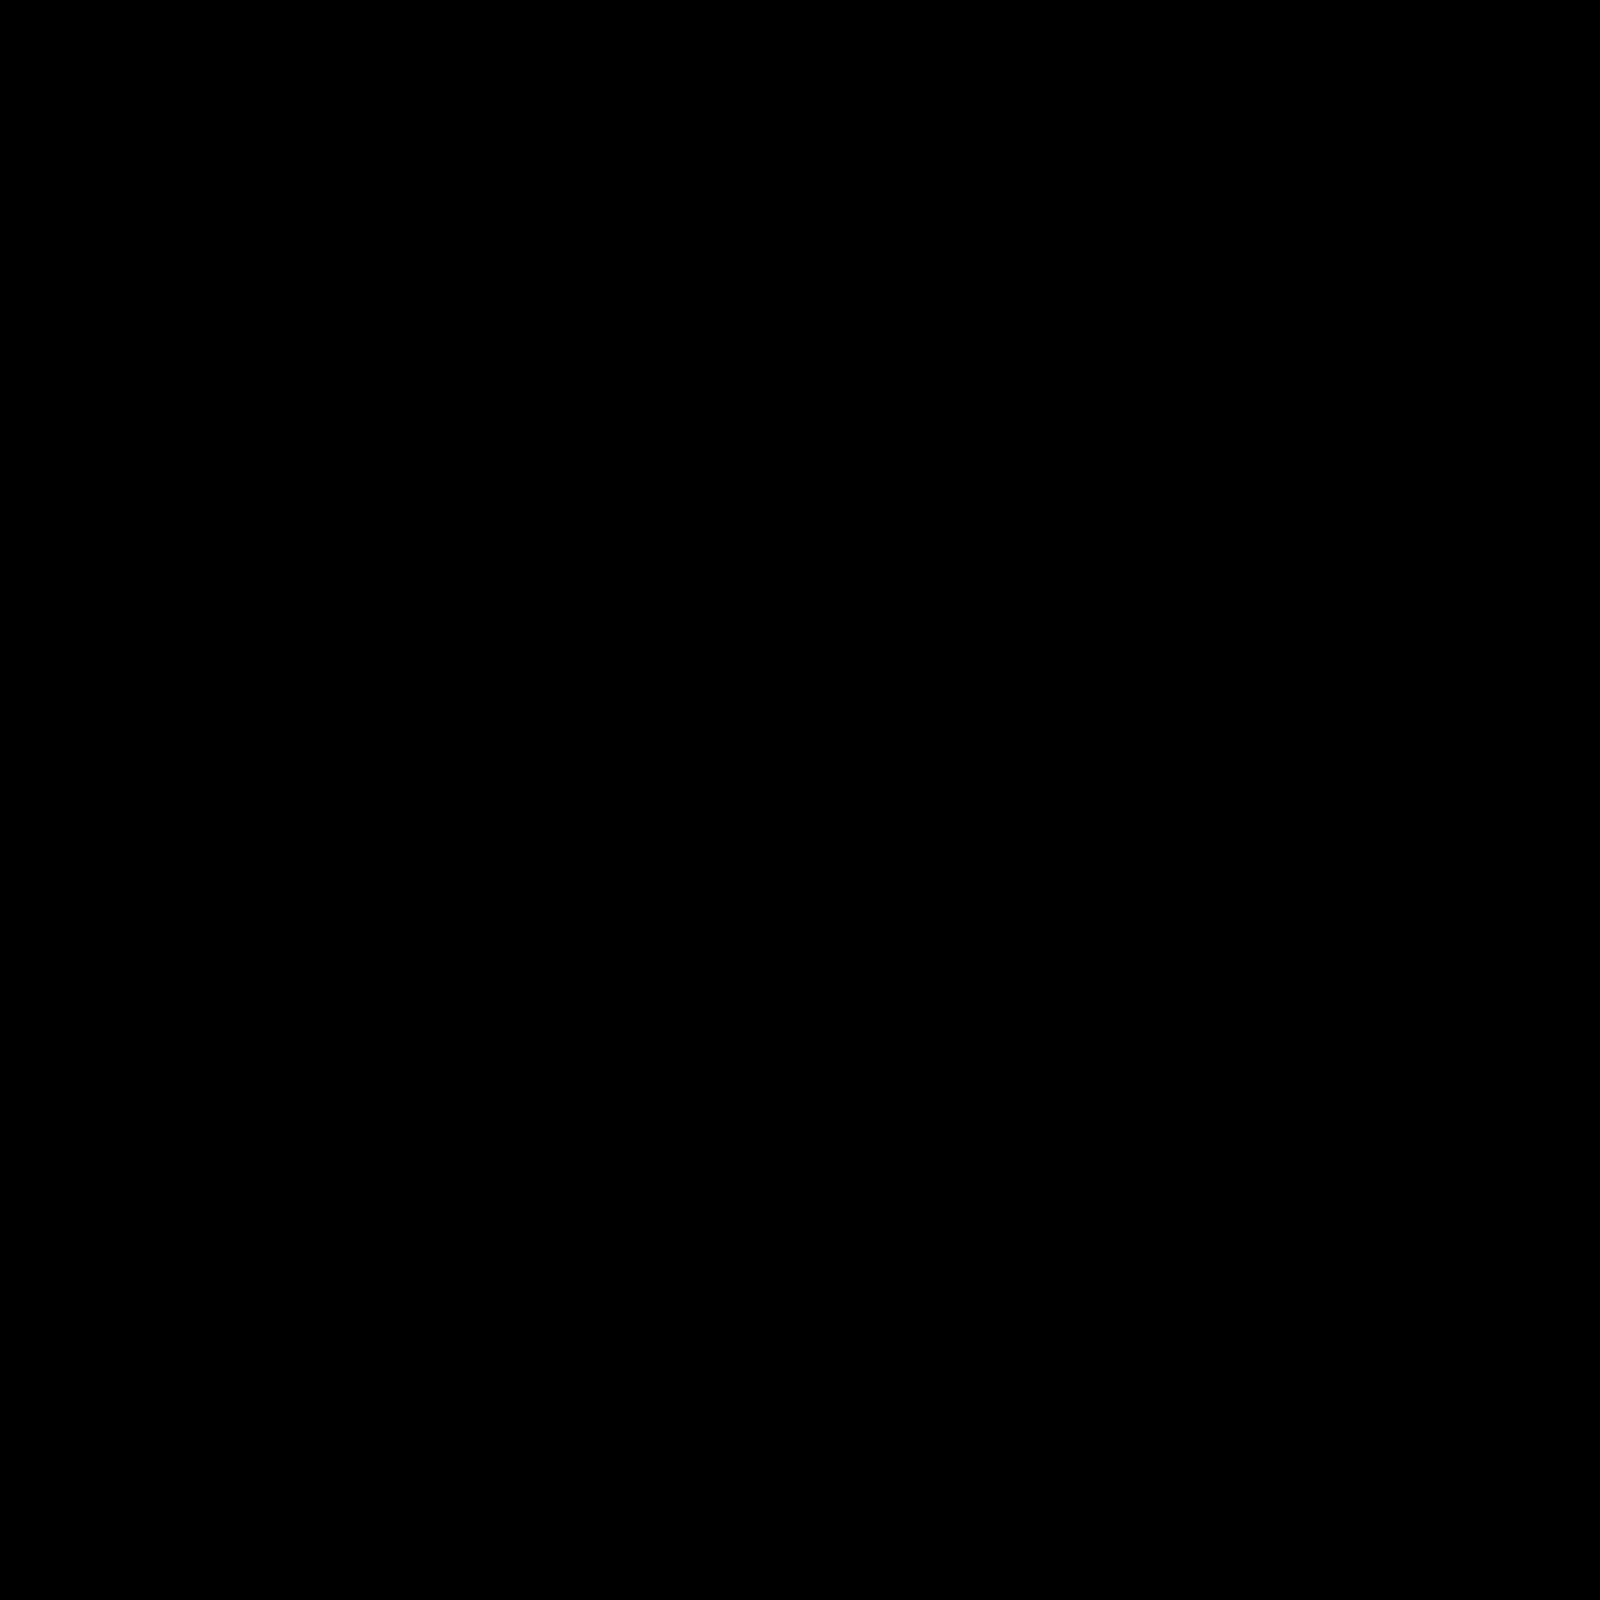 ファイル追加 icon. This icon looks like a piece of paper, but the top right corner has a single fold toward the center as if someone has just turned over the edge with their fingers and in the bottom right corner there is a 'plus sign' inside a circle.